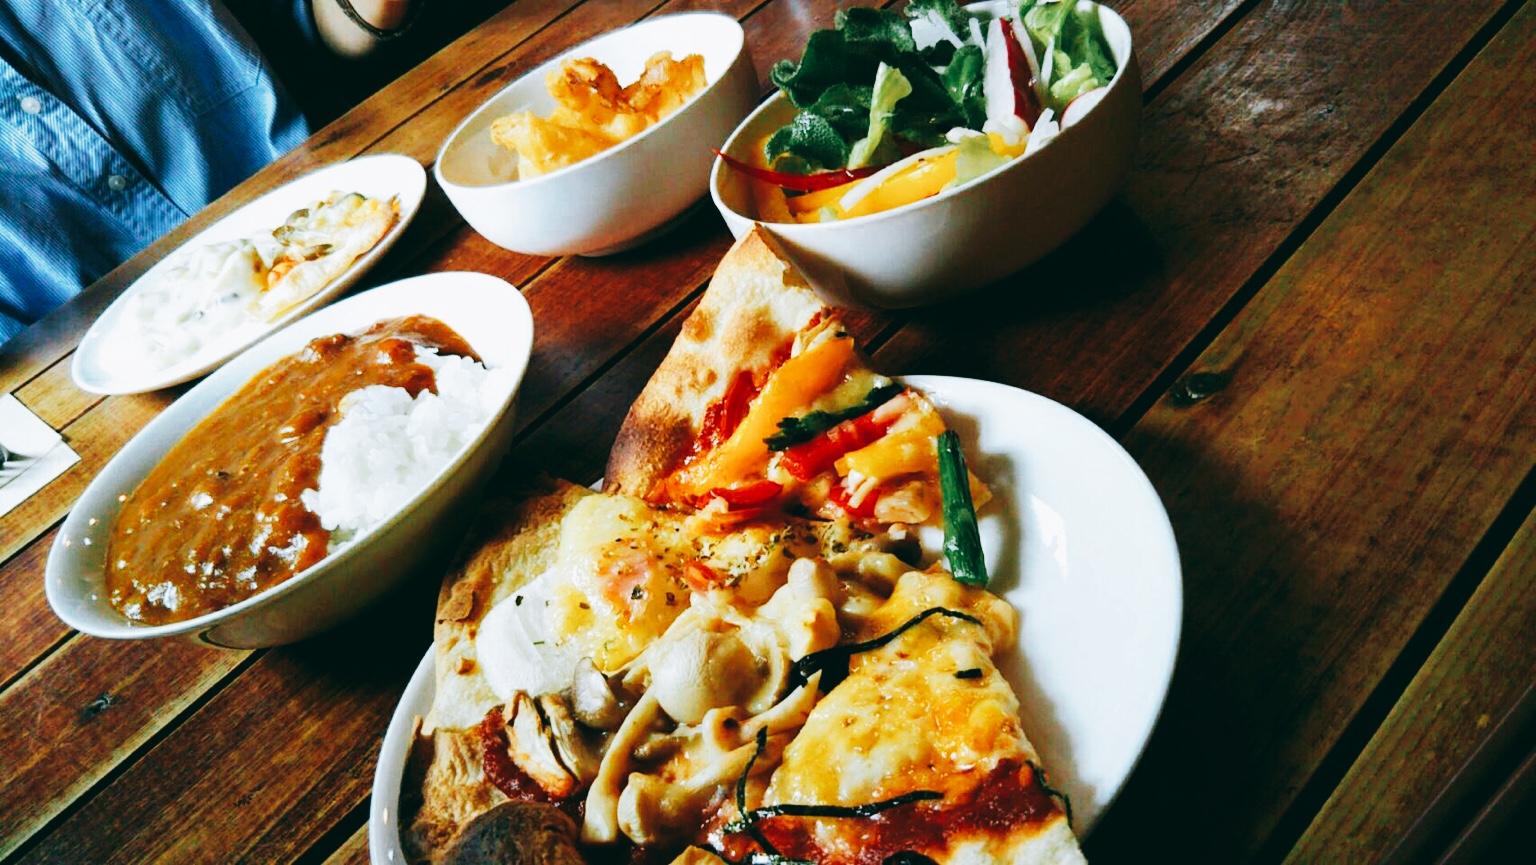 奥入瀬「オルトナーラ」のピザビュッフェ!青森県産のお野菜がたっぷり